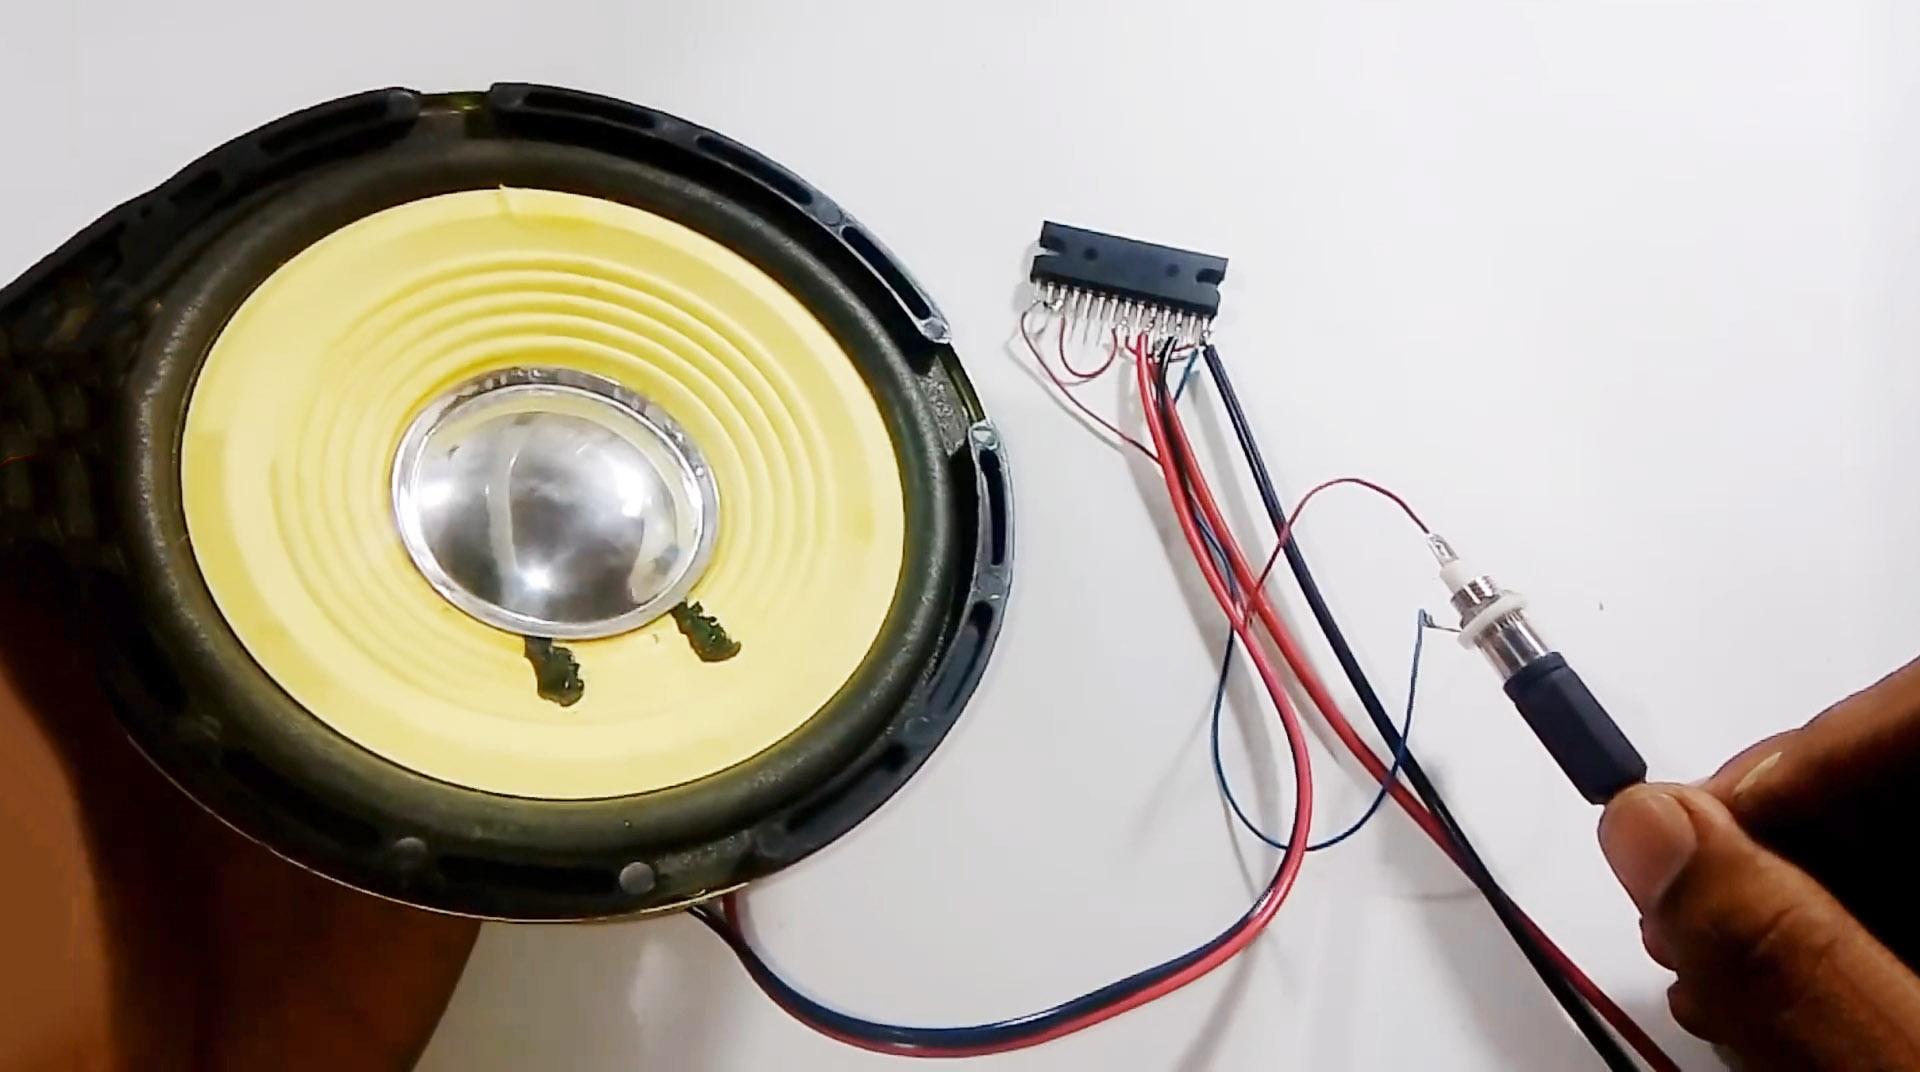 Усилитель без резисторов и конденсаторов всего на одной микросхеме